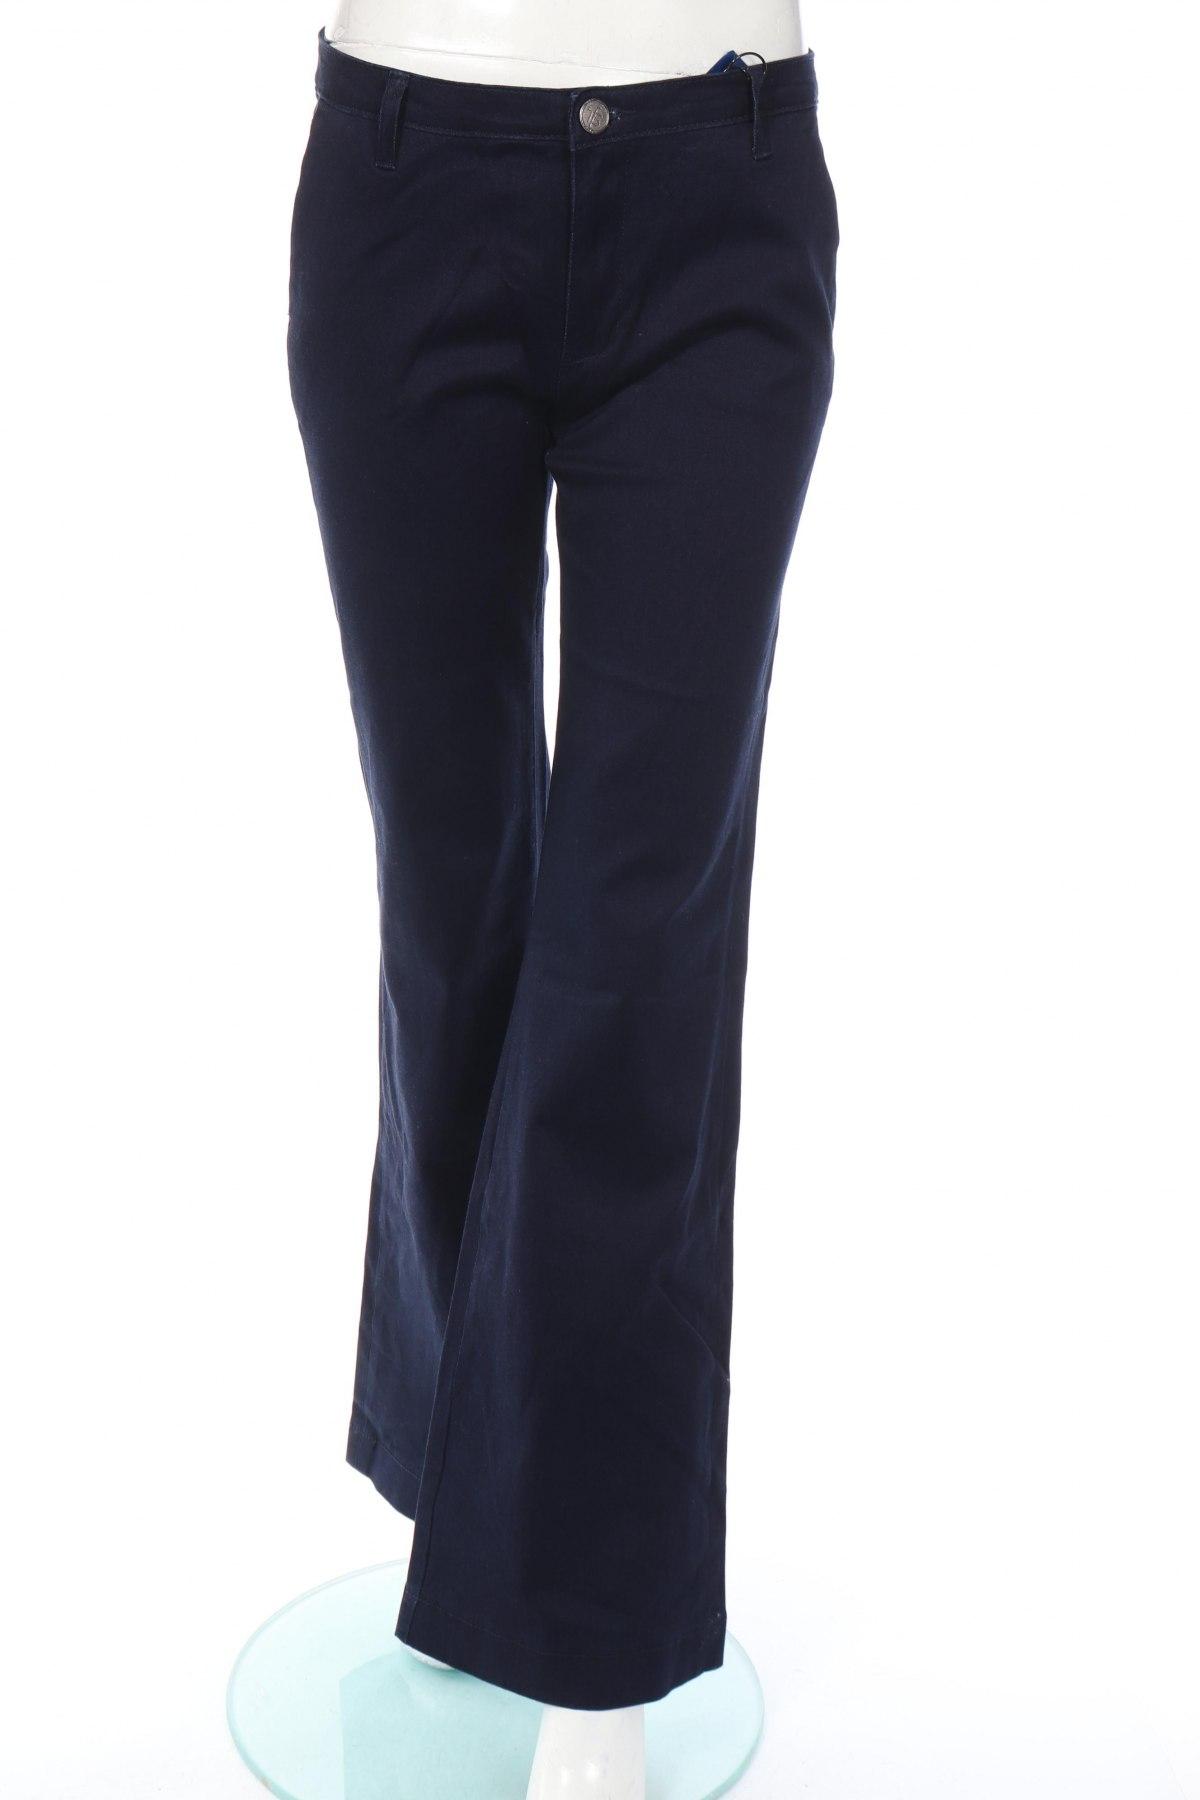 Дамски дънки Twentyfourseven, Размер XXS, Цвят Син, 98% памук, 2% еластан, Цена 3,36лв.